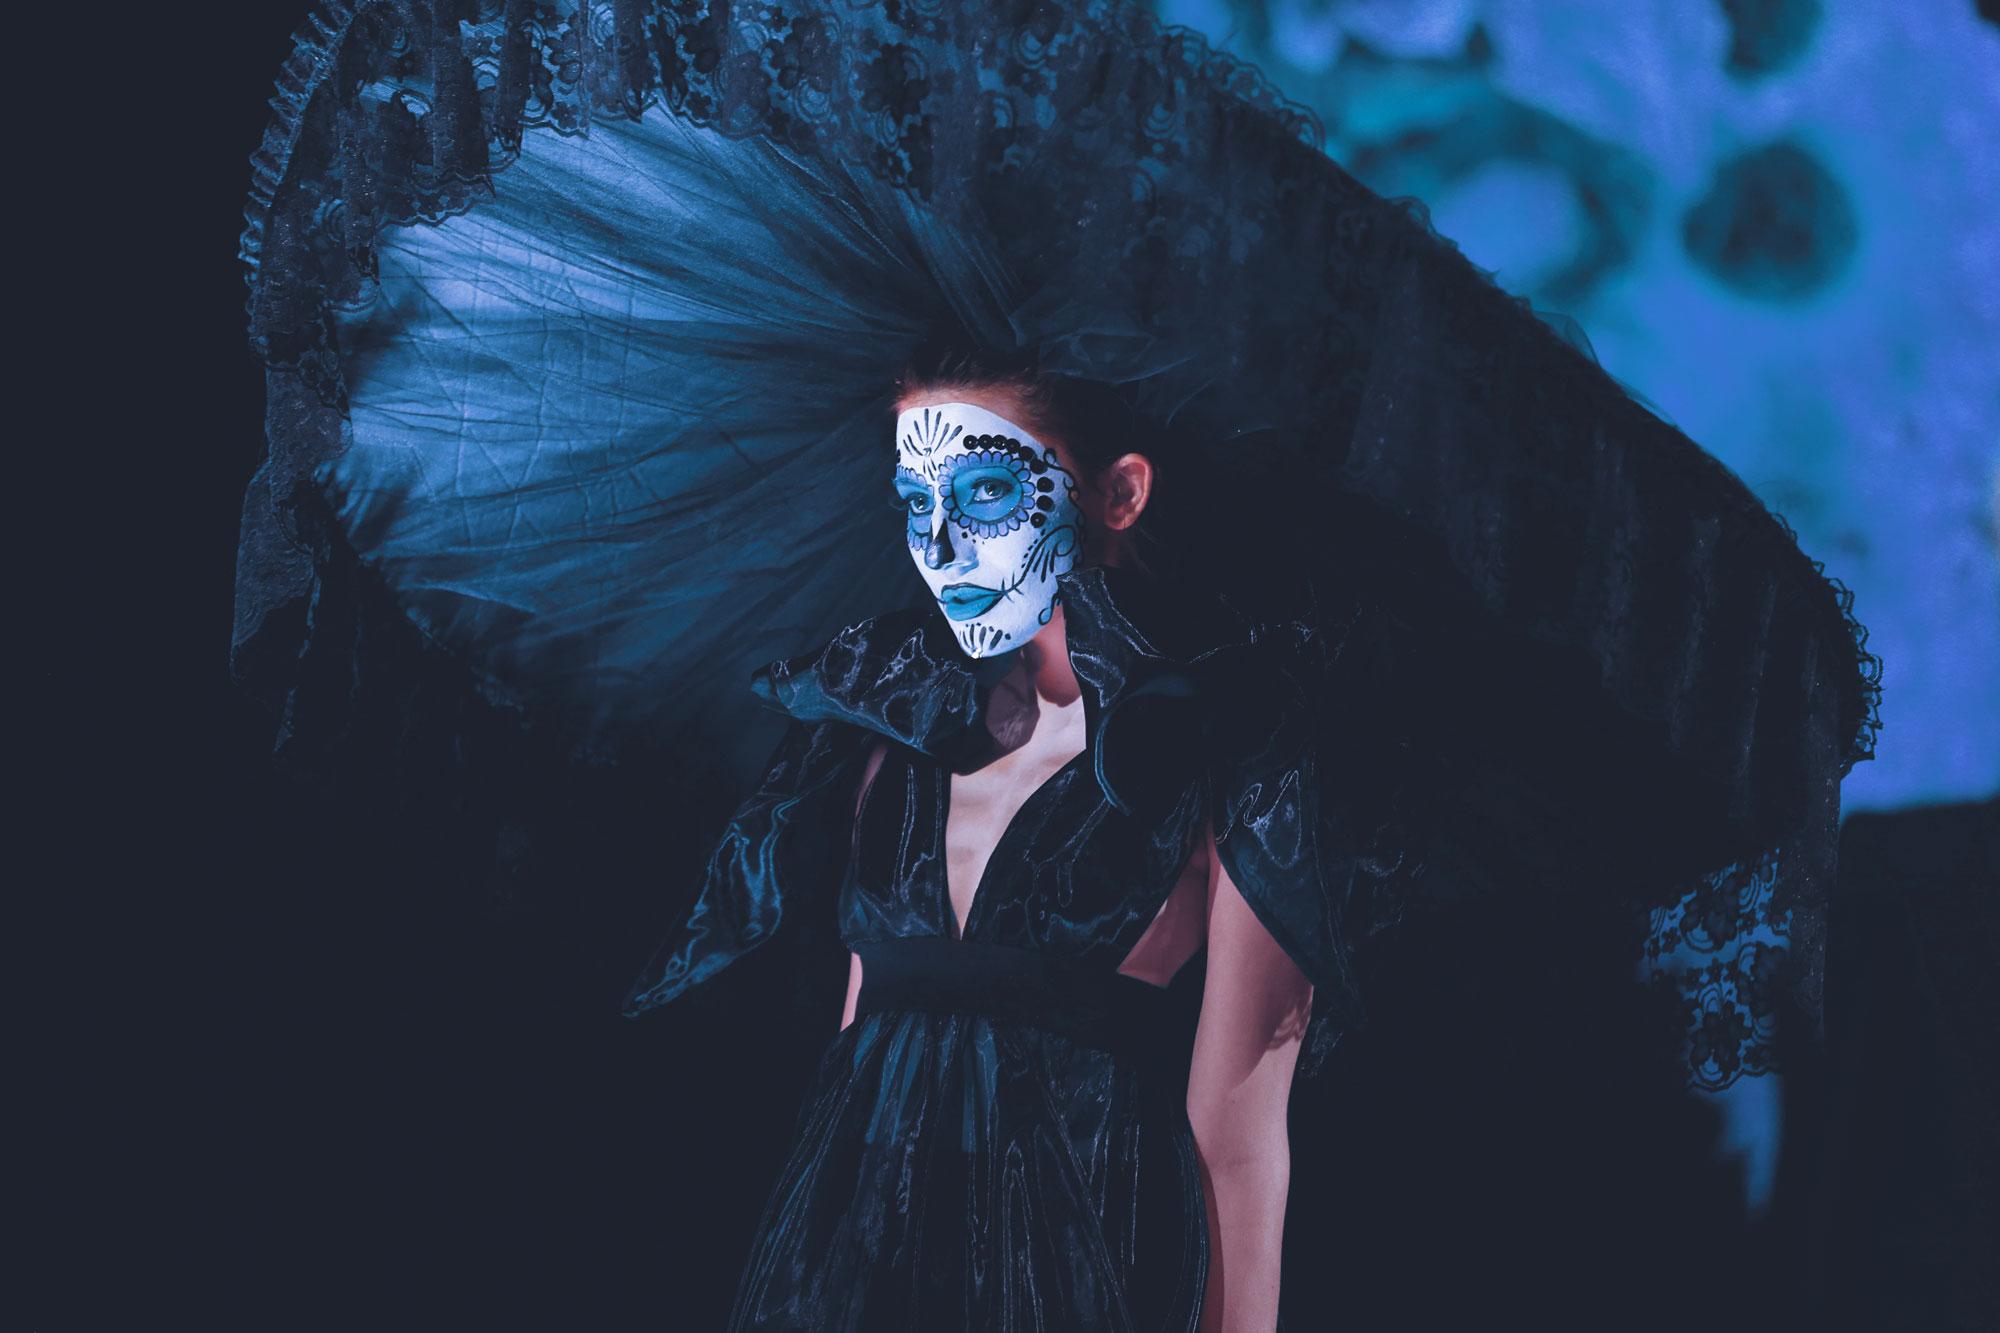 2015 Catrina-inspired fashion design by Midi Soliz. Photo by Krystal Malloy.